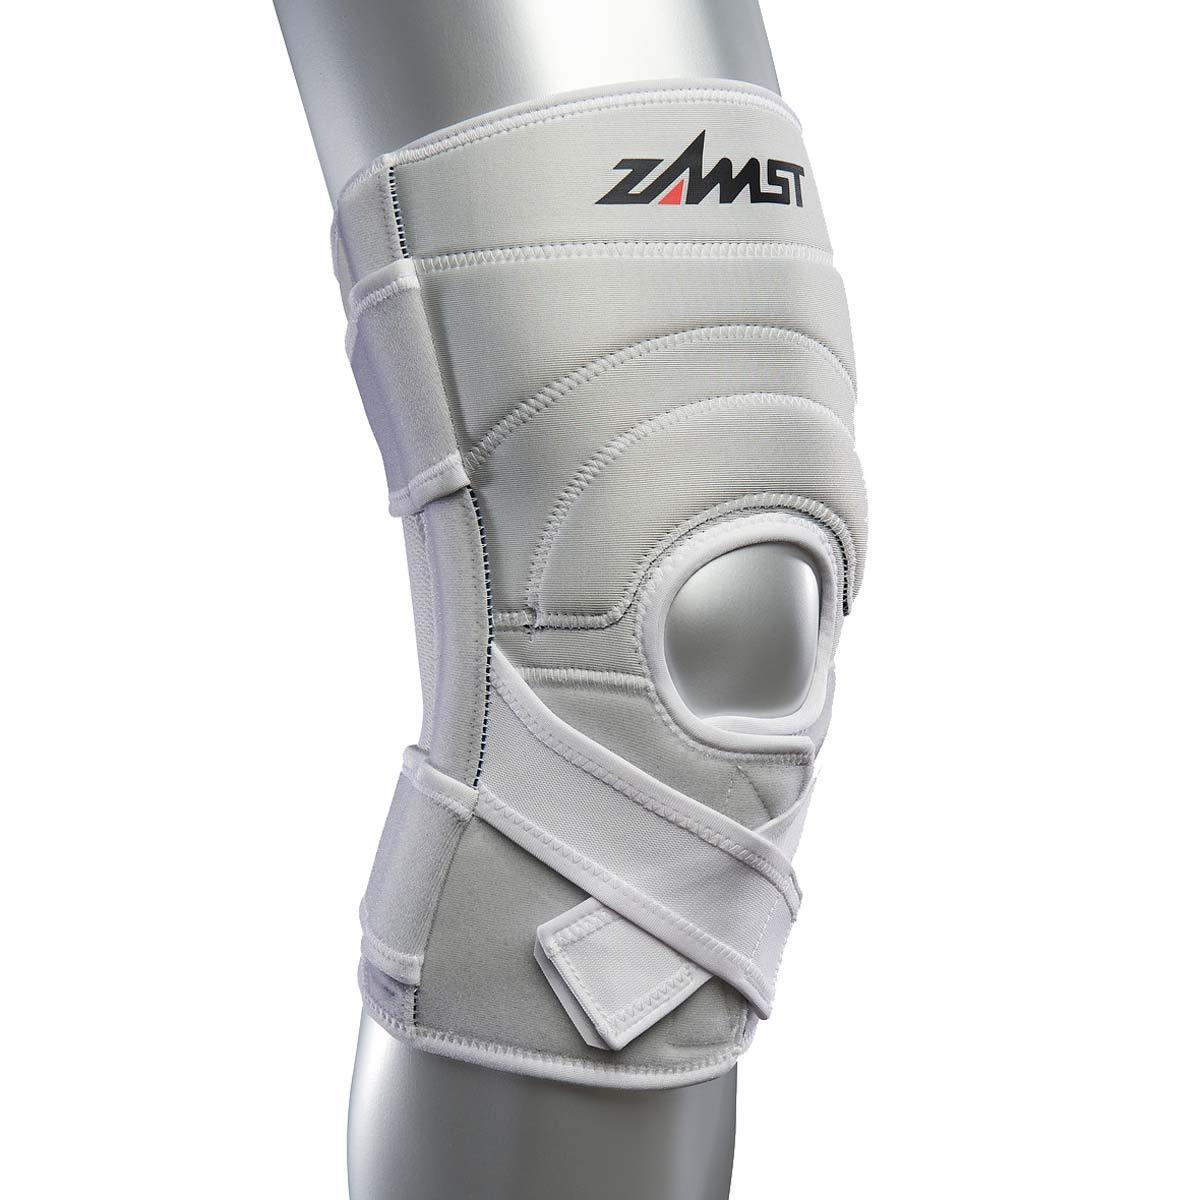 Zamst 471723 ZK-7 Knee Brace, White, Large by Zamst (Image #1)